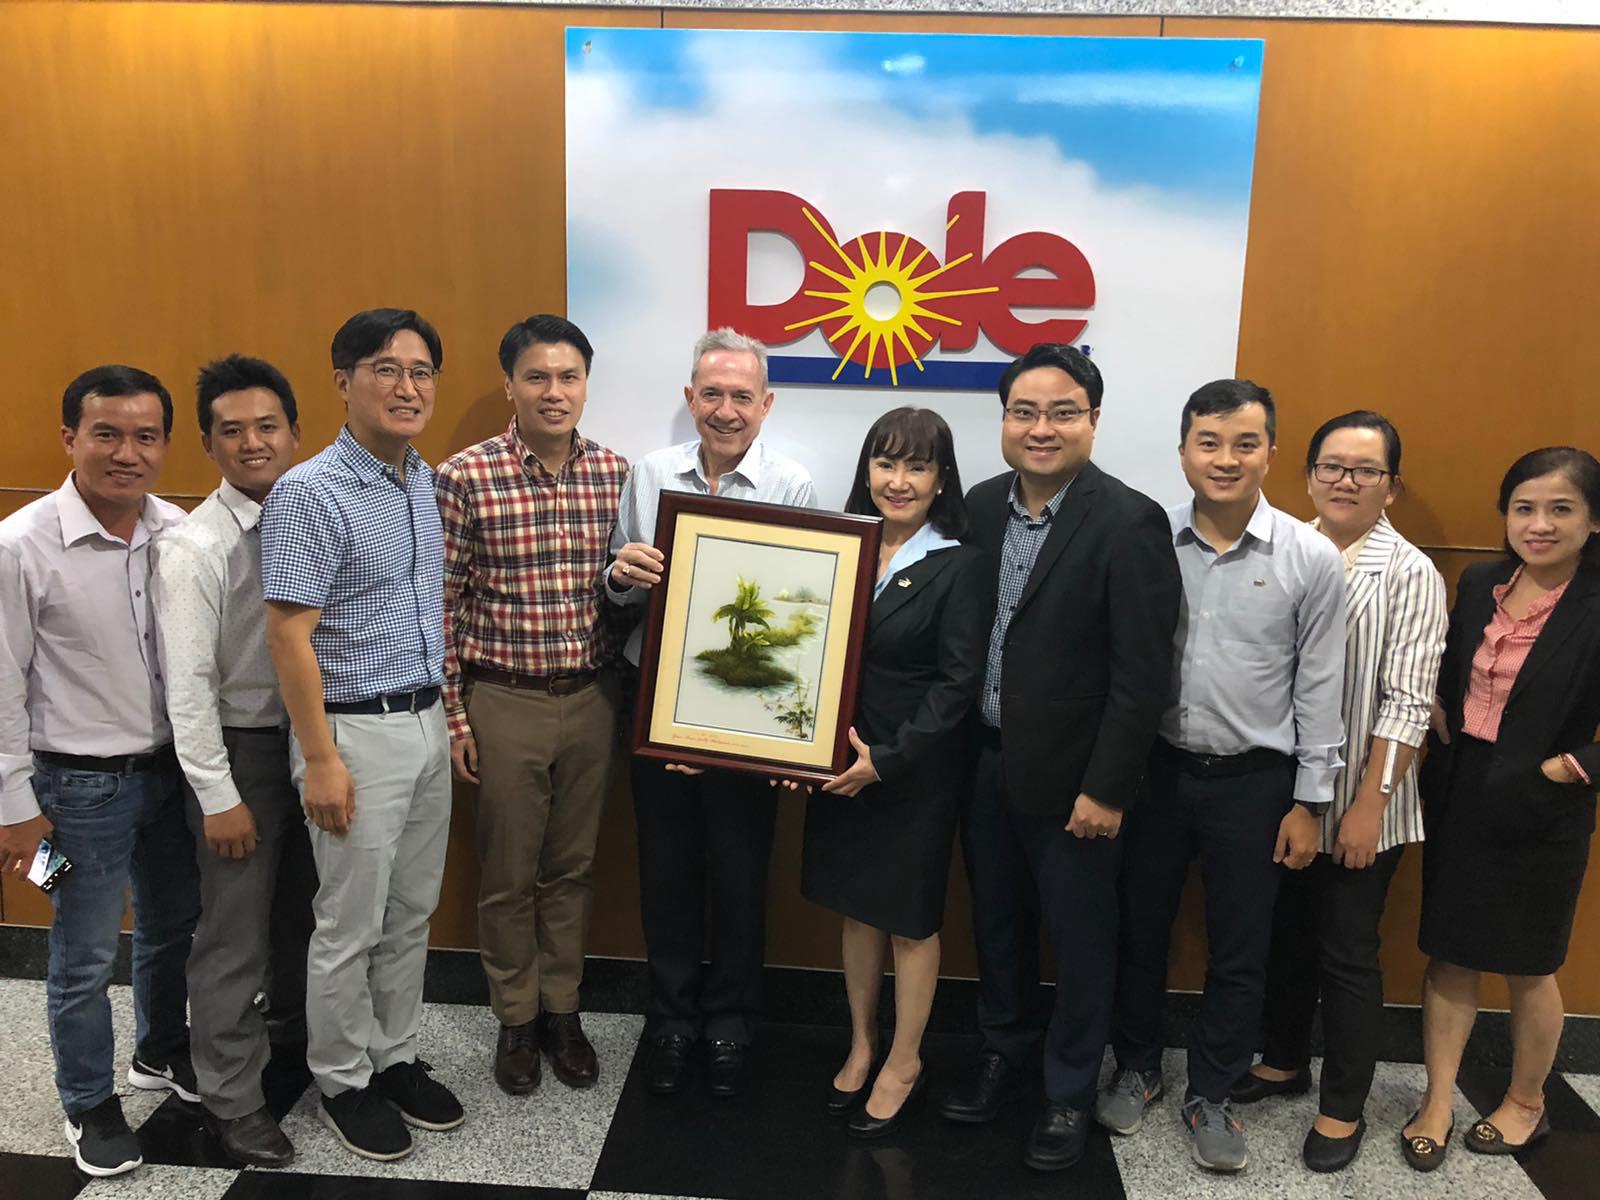 TTC sugar và Dole Asia Holding hợp tác mua bán bao tiêu dự án trồng chuối Nam Mỹ 156 ha - Ảnh 1.